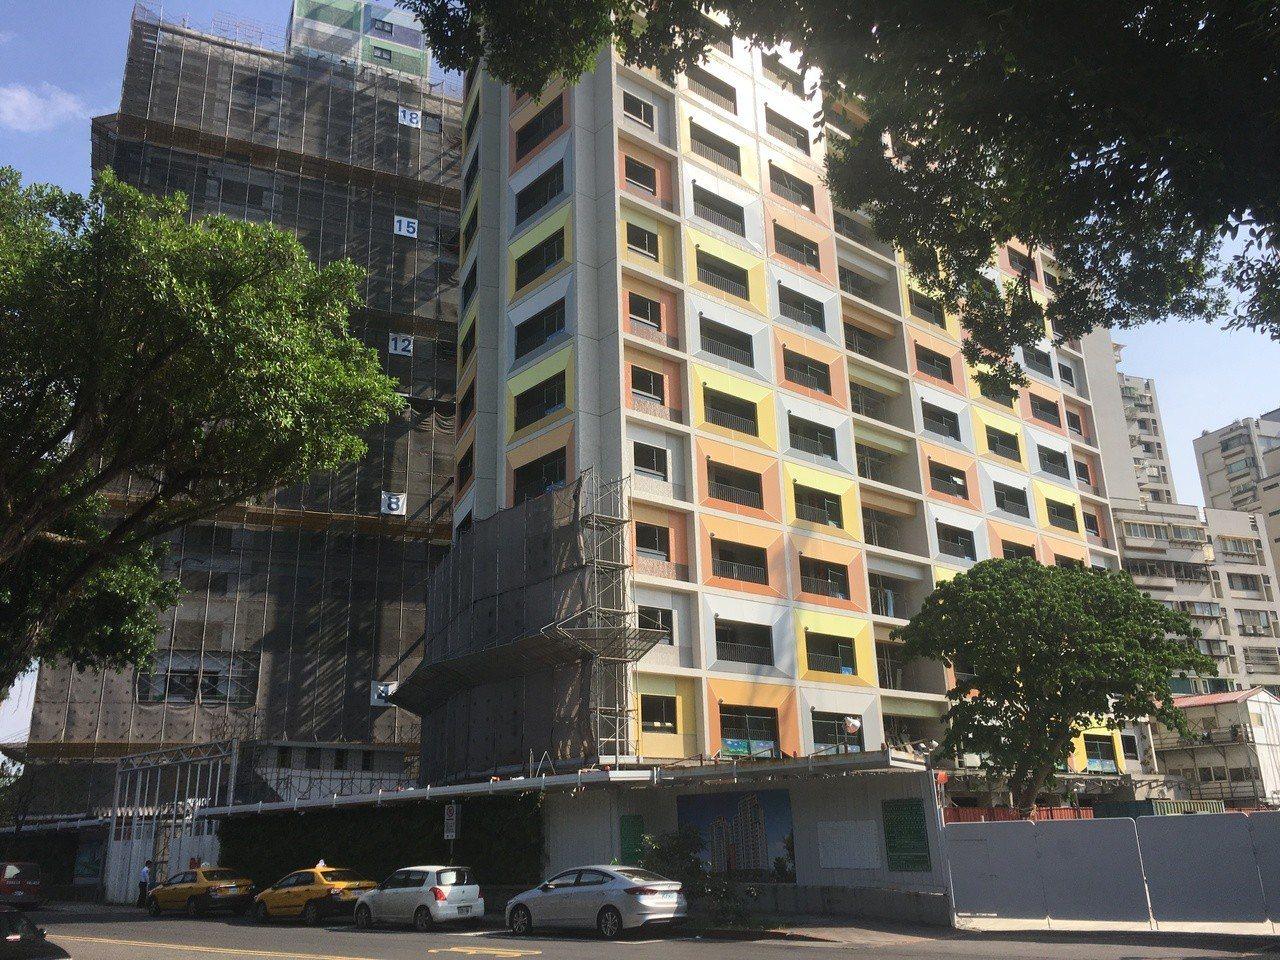 台北市萬華區的青年公宅。 圖/聯合報系資料照片